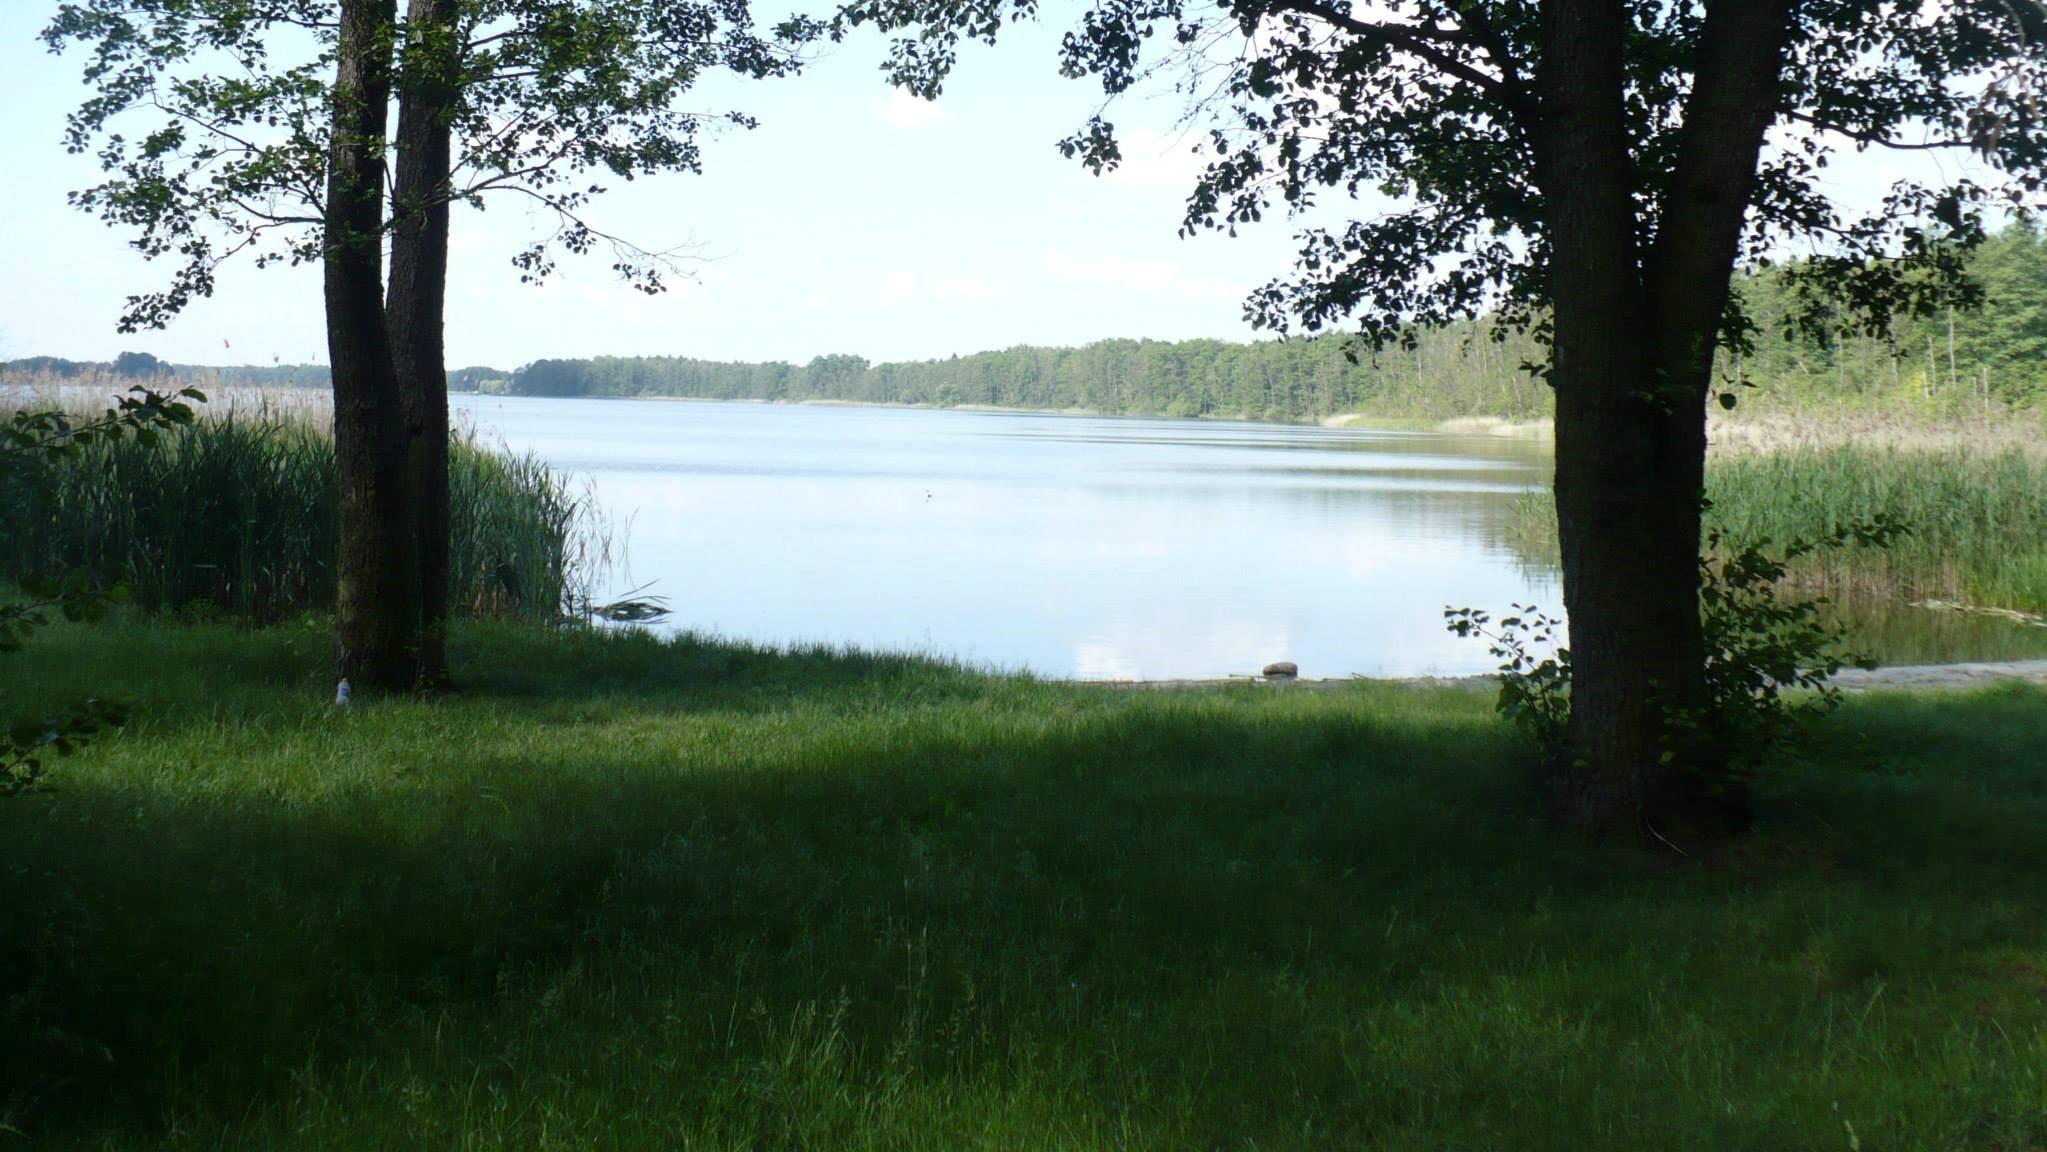 jezioro strykowskie - fb:  Rower nie gryzie